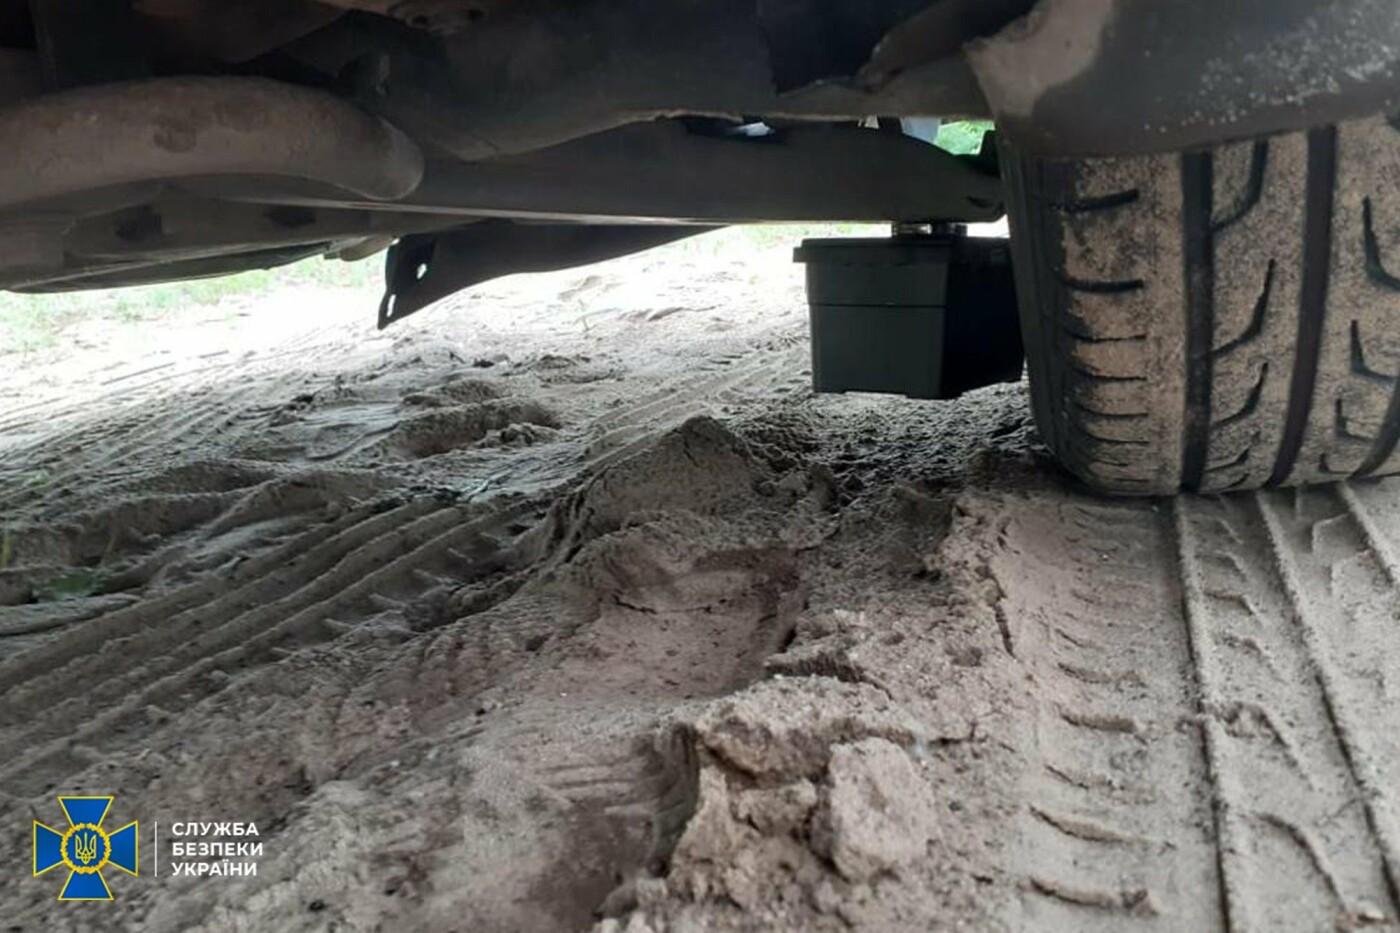 """В Северодонецке СБУ предотвратили терракт, который готовил бывший боевик так называемой """"ЛНР"""" (фото, видео), фото-3"""